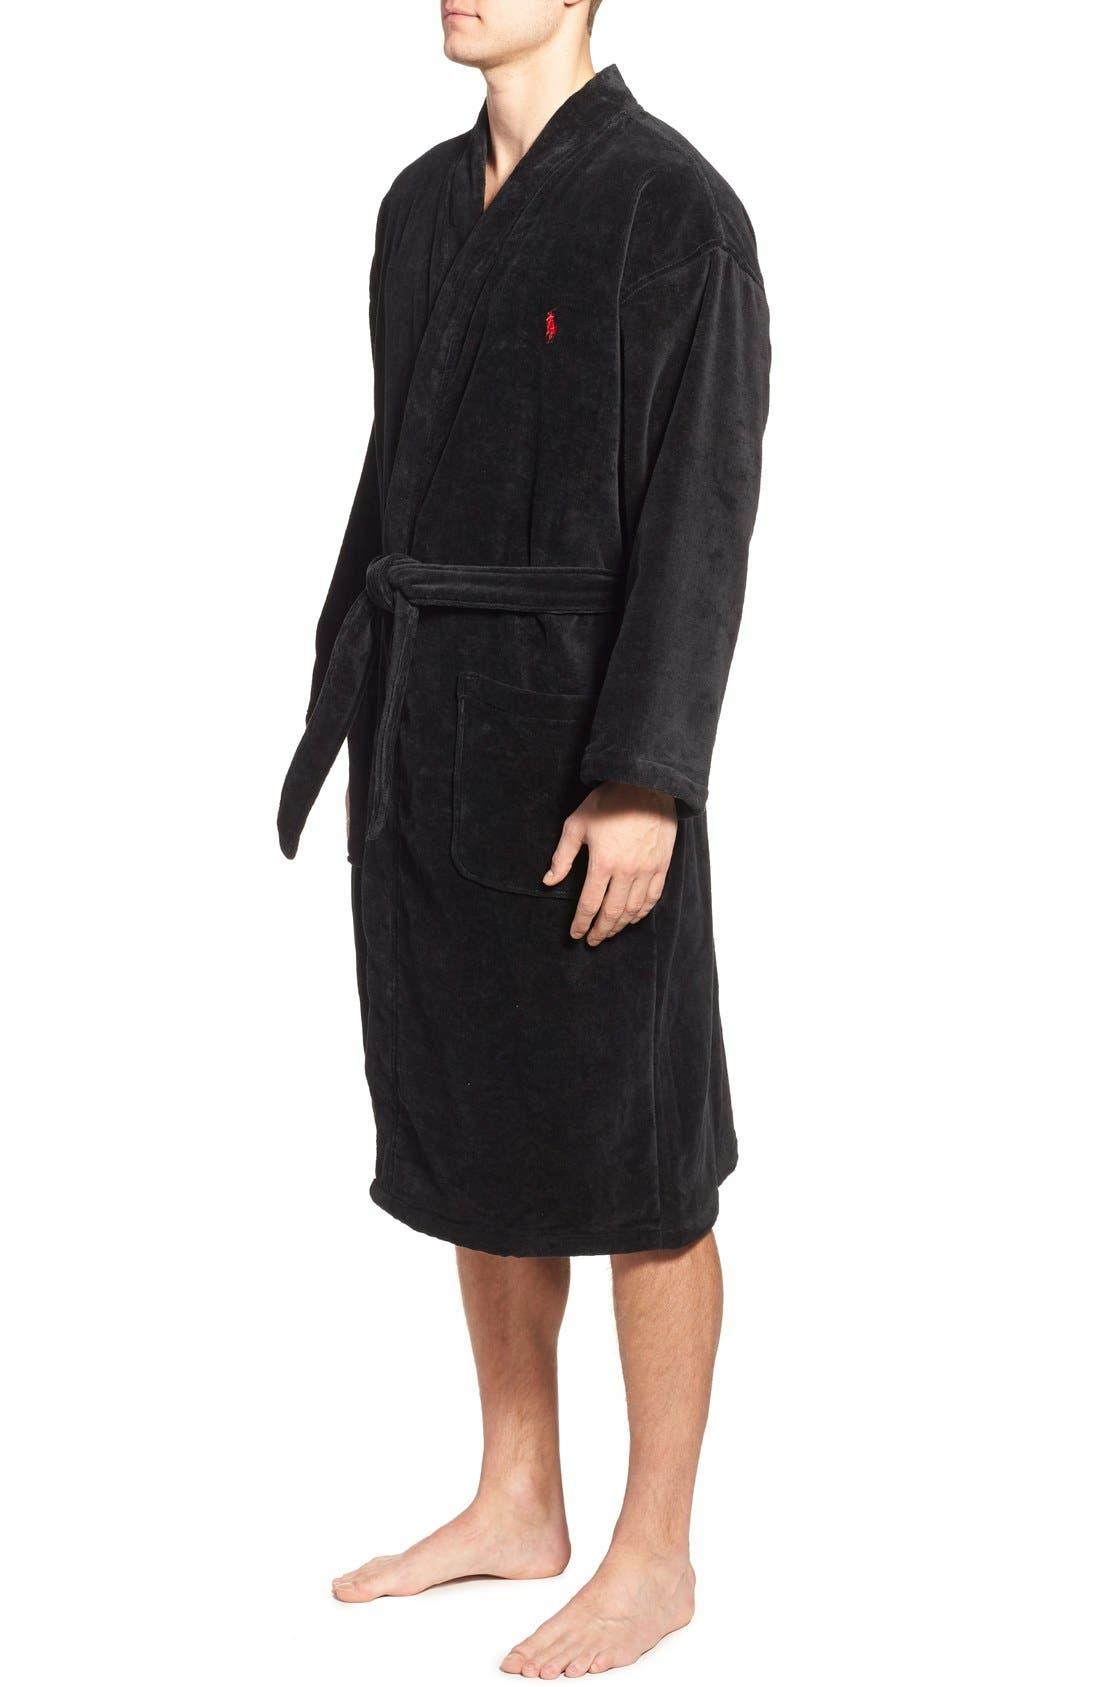 POLO RALPH LAUREN, Cotton Fleece Robe, Alternate thumbnail 3, color, POLO BLACK